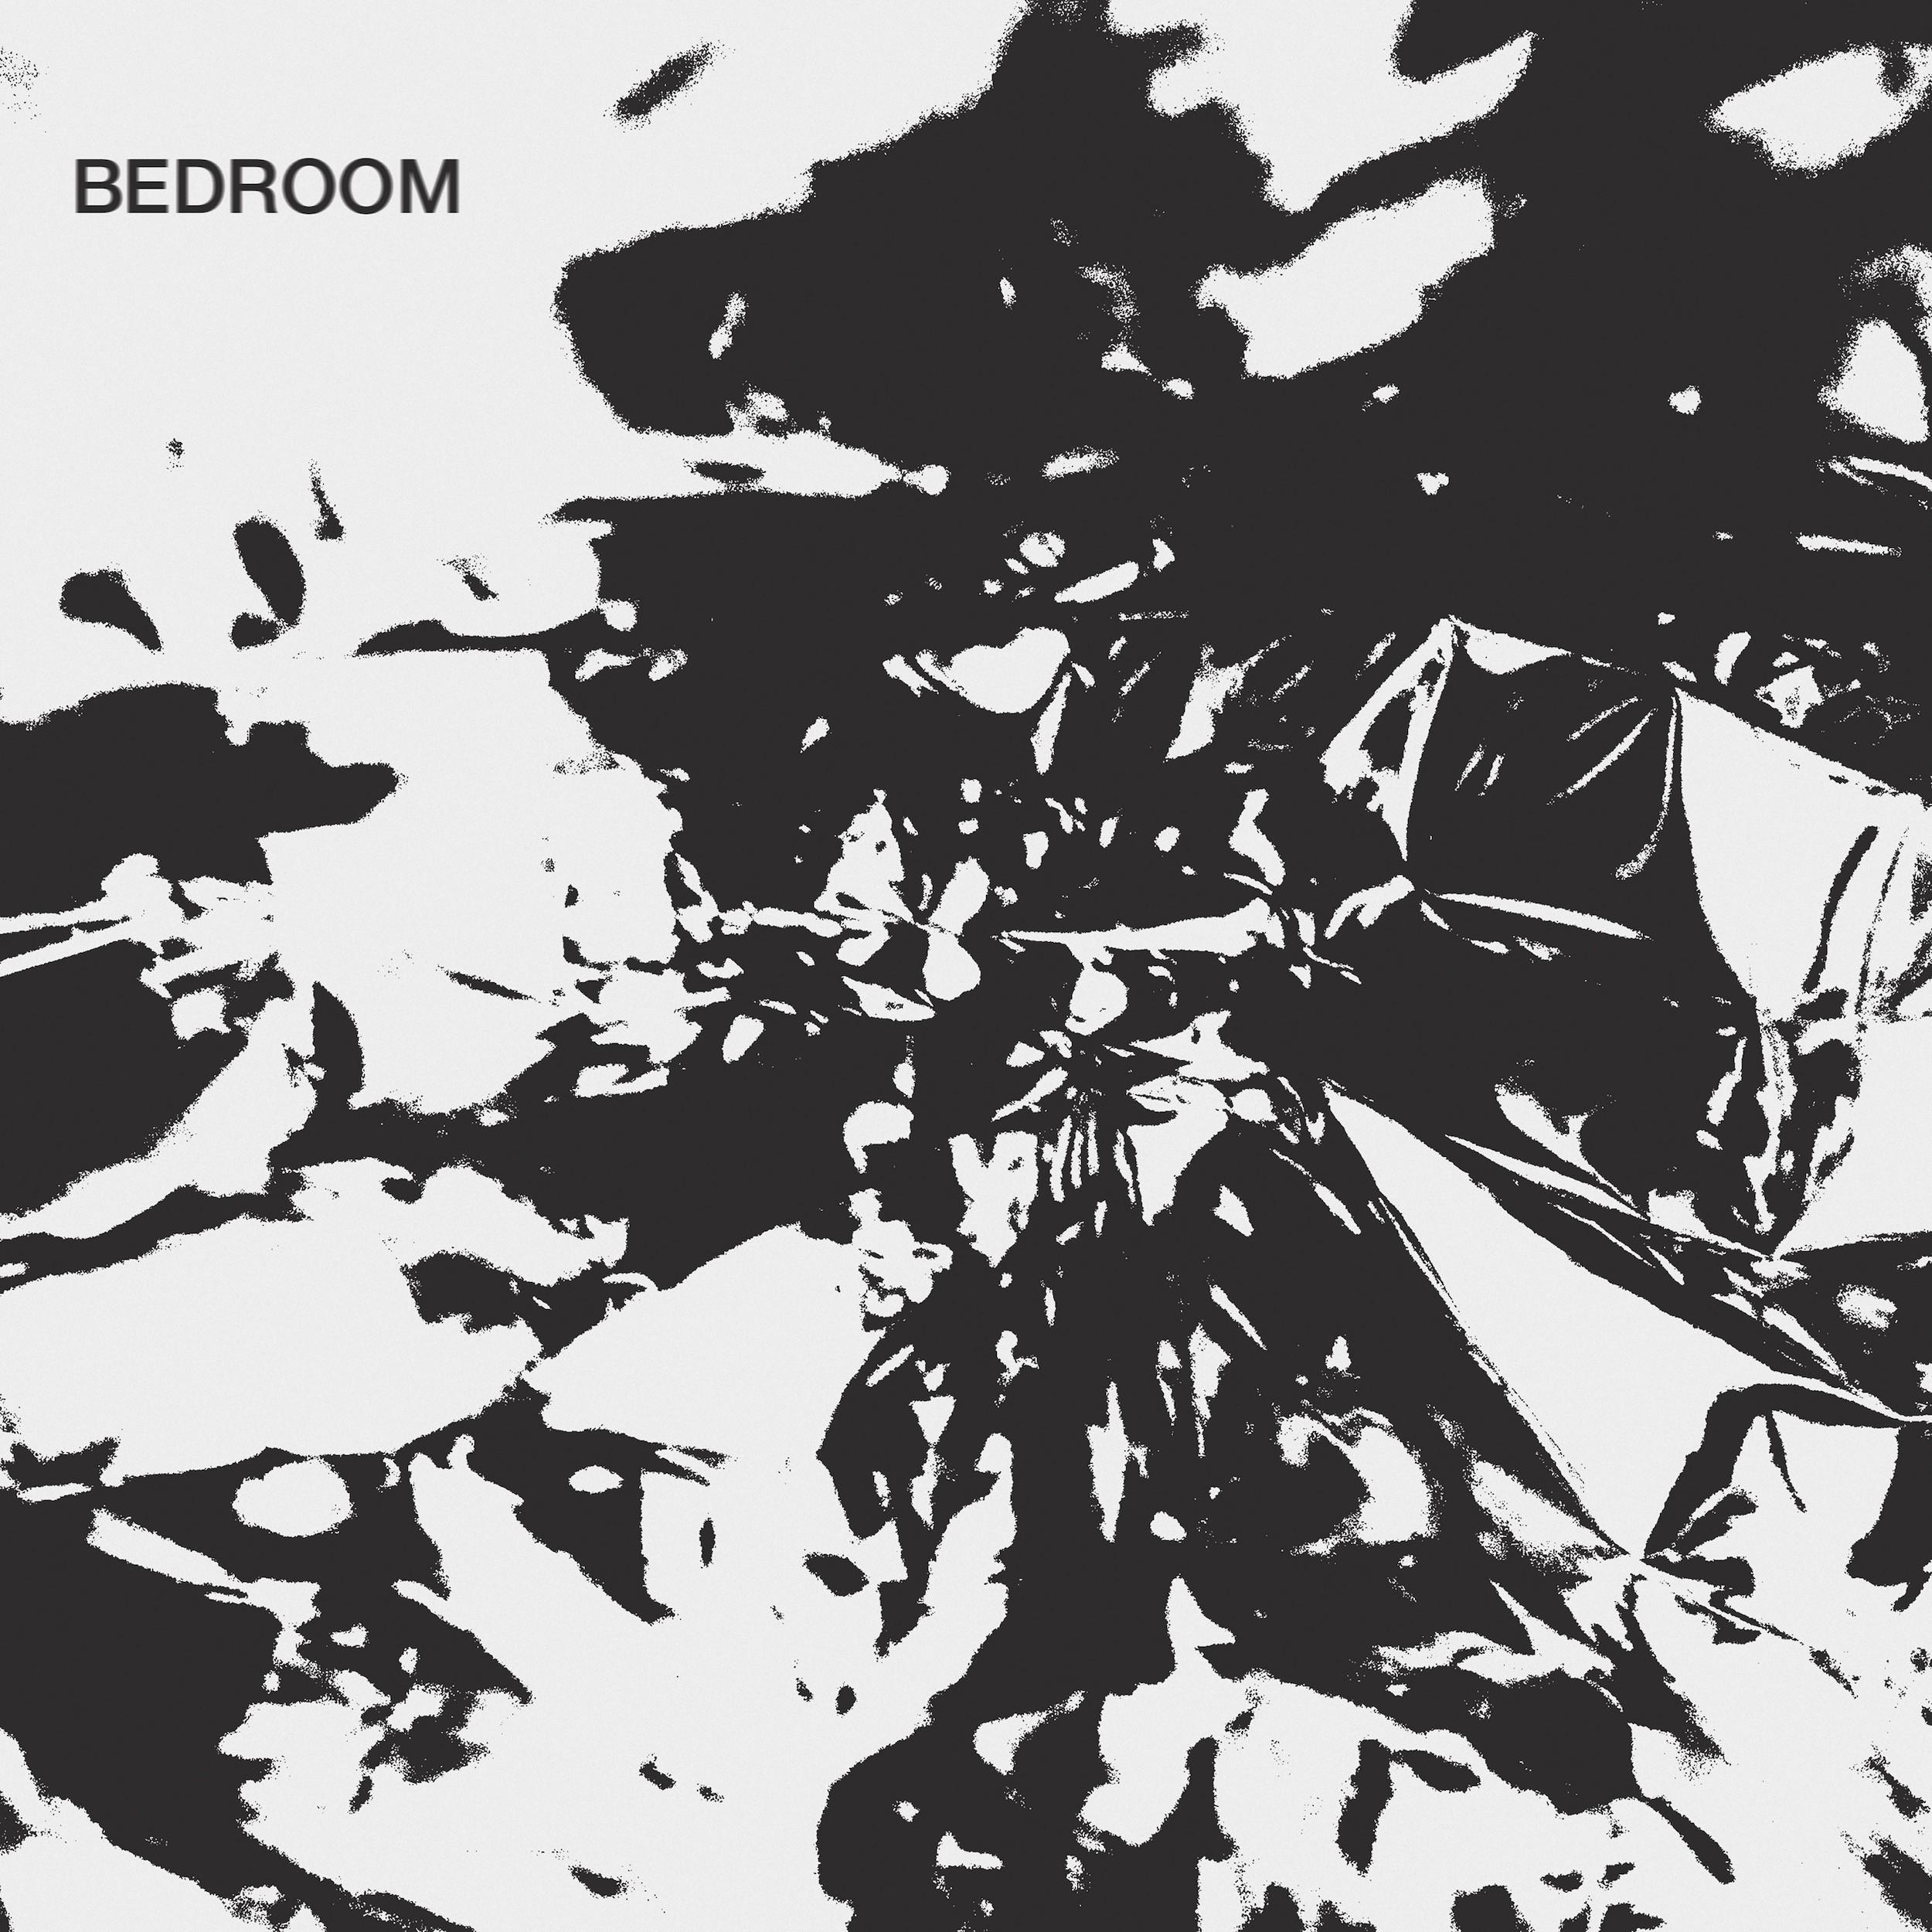 Image of Bedroom / bdrmm